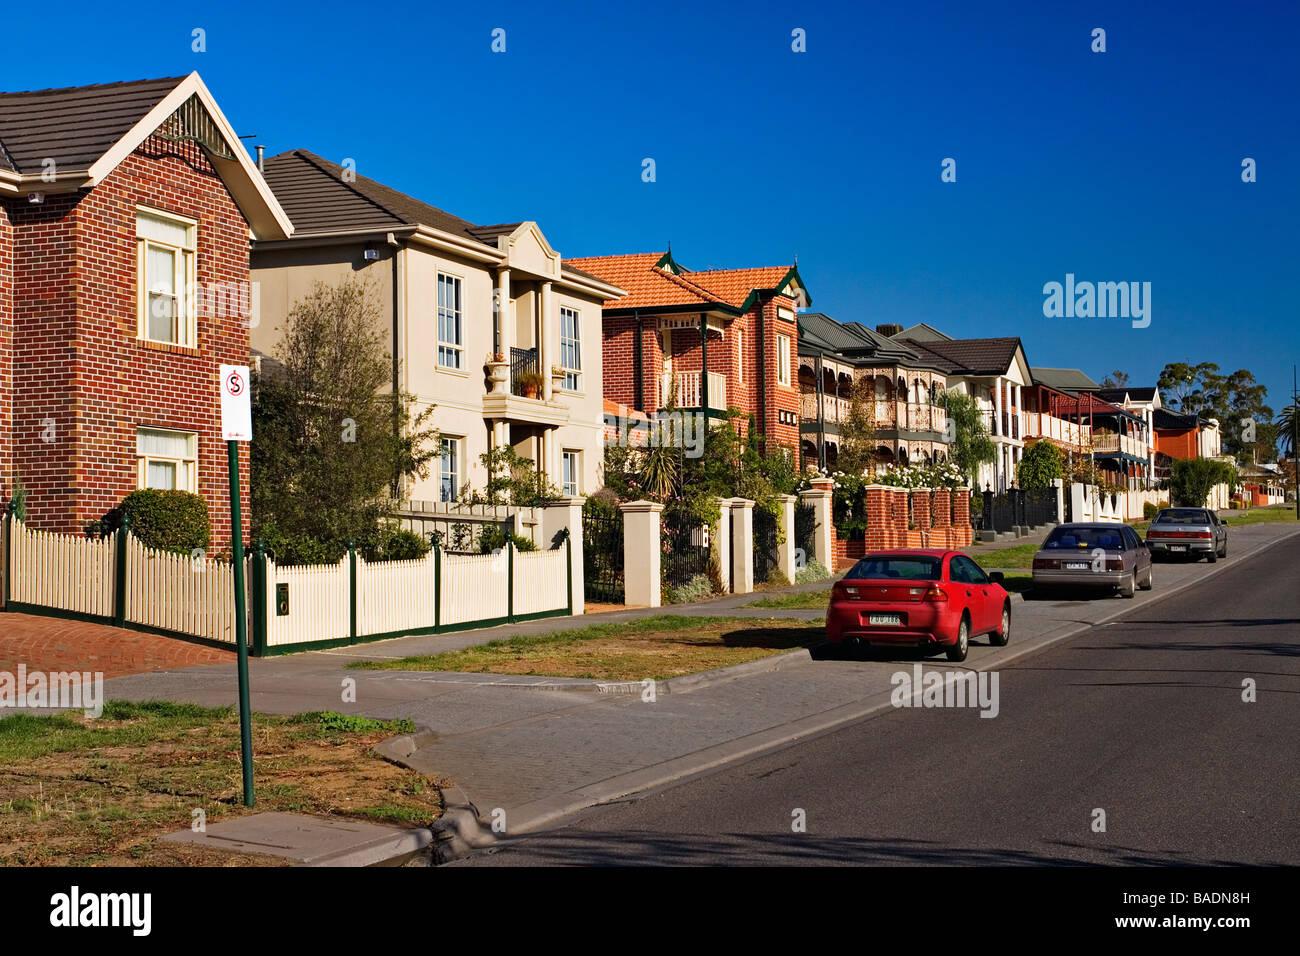 Residential Homes / Australier / Häuser auf eine Wohnsiedlung. Die Lage ist Melbourne Victoria Australien. Stockbild